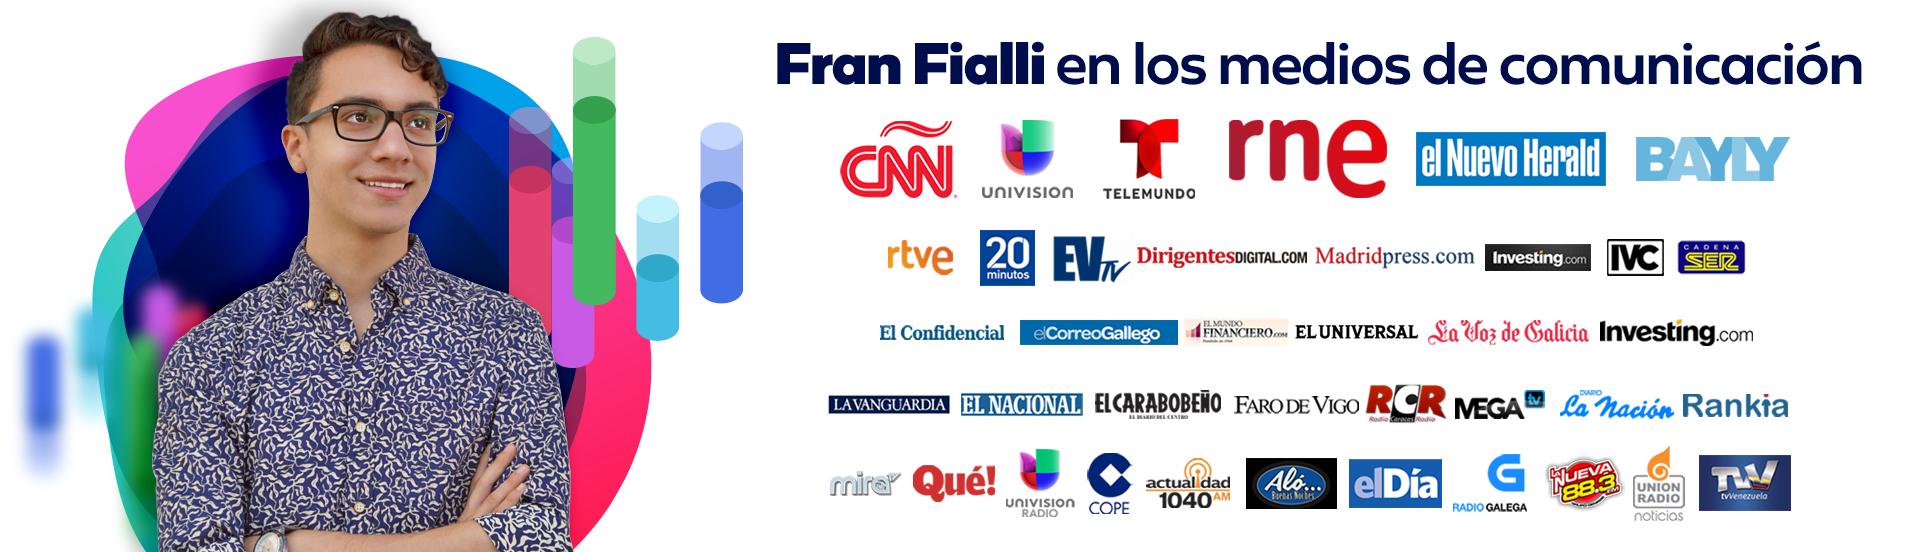 Fran Fialli en los medios de comunicación